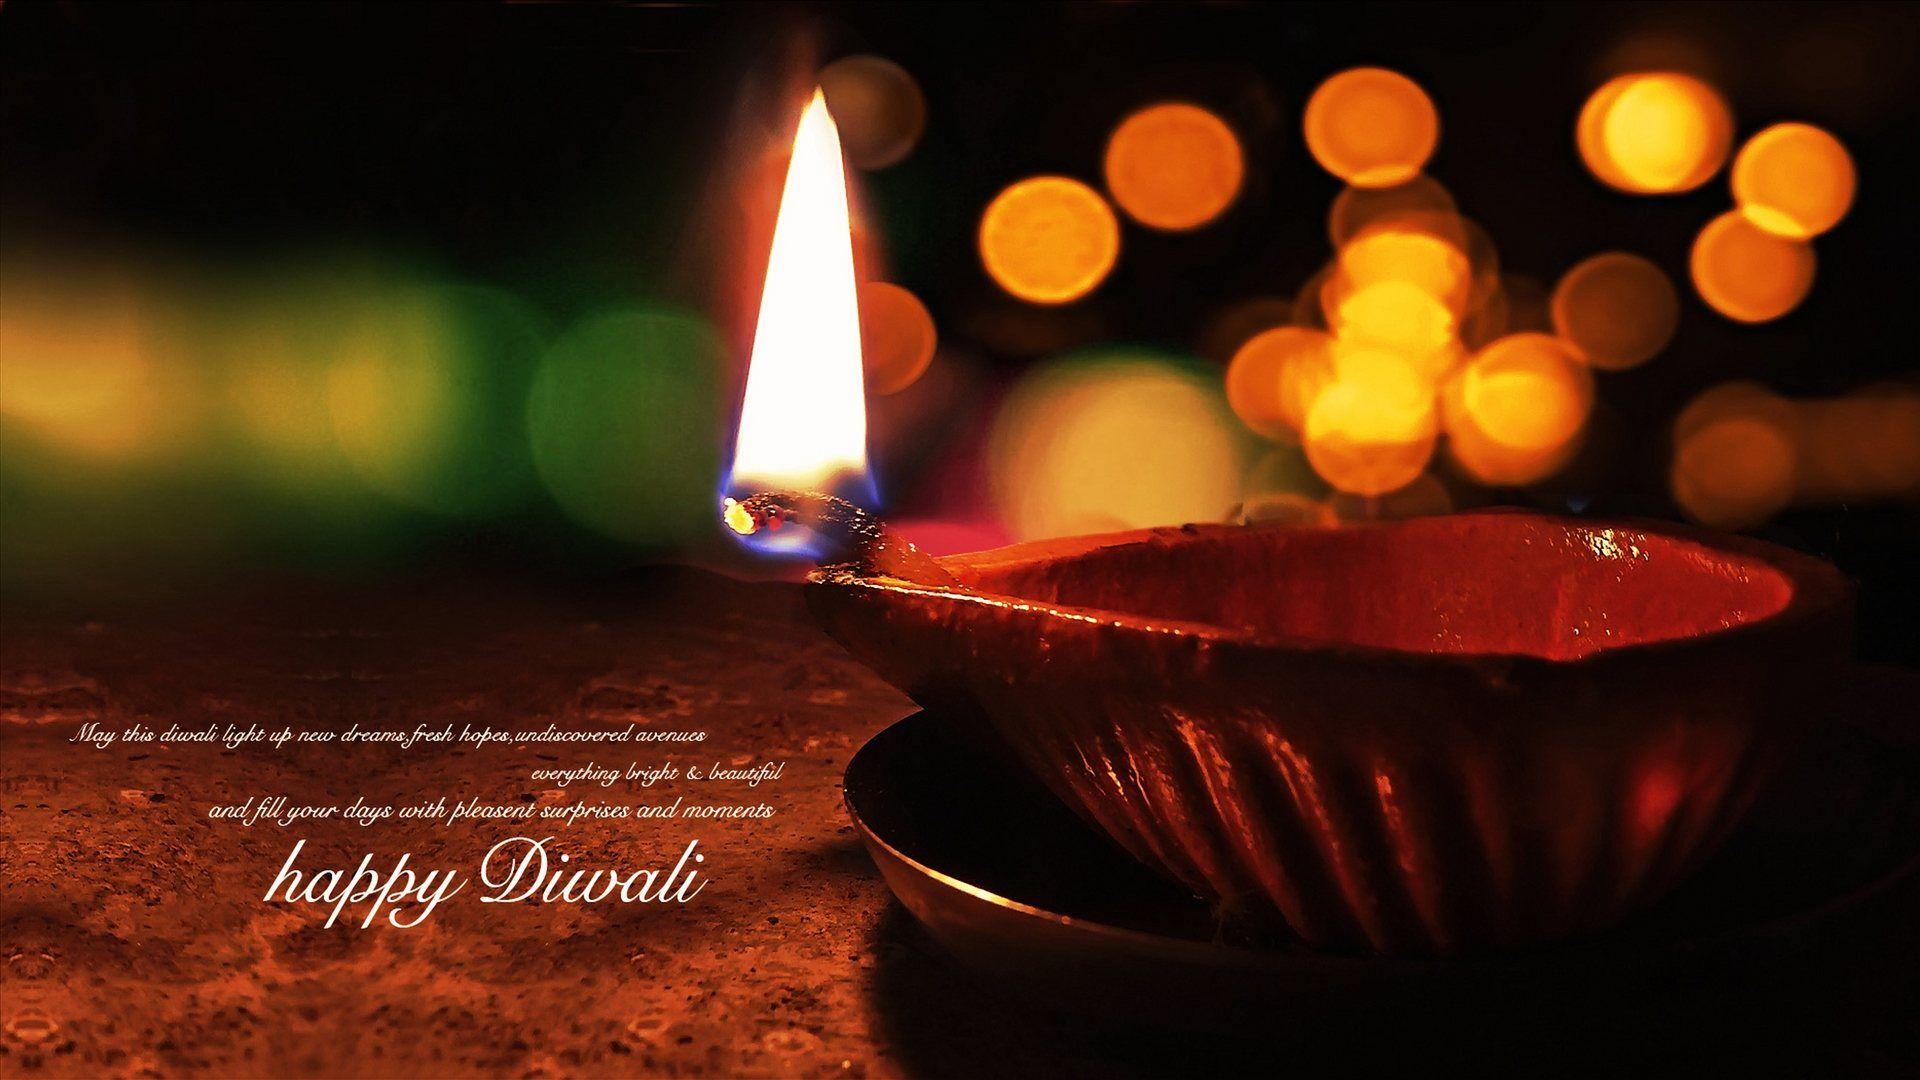 Diwali Wallpaper Download Diwali Wallpapers Diwali Images